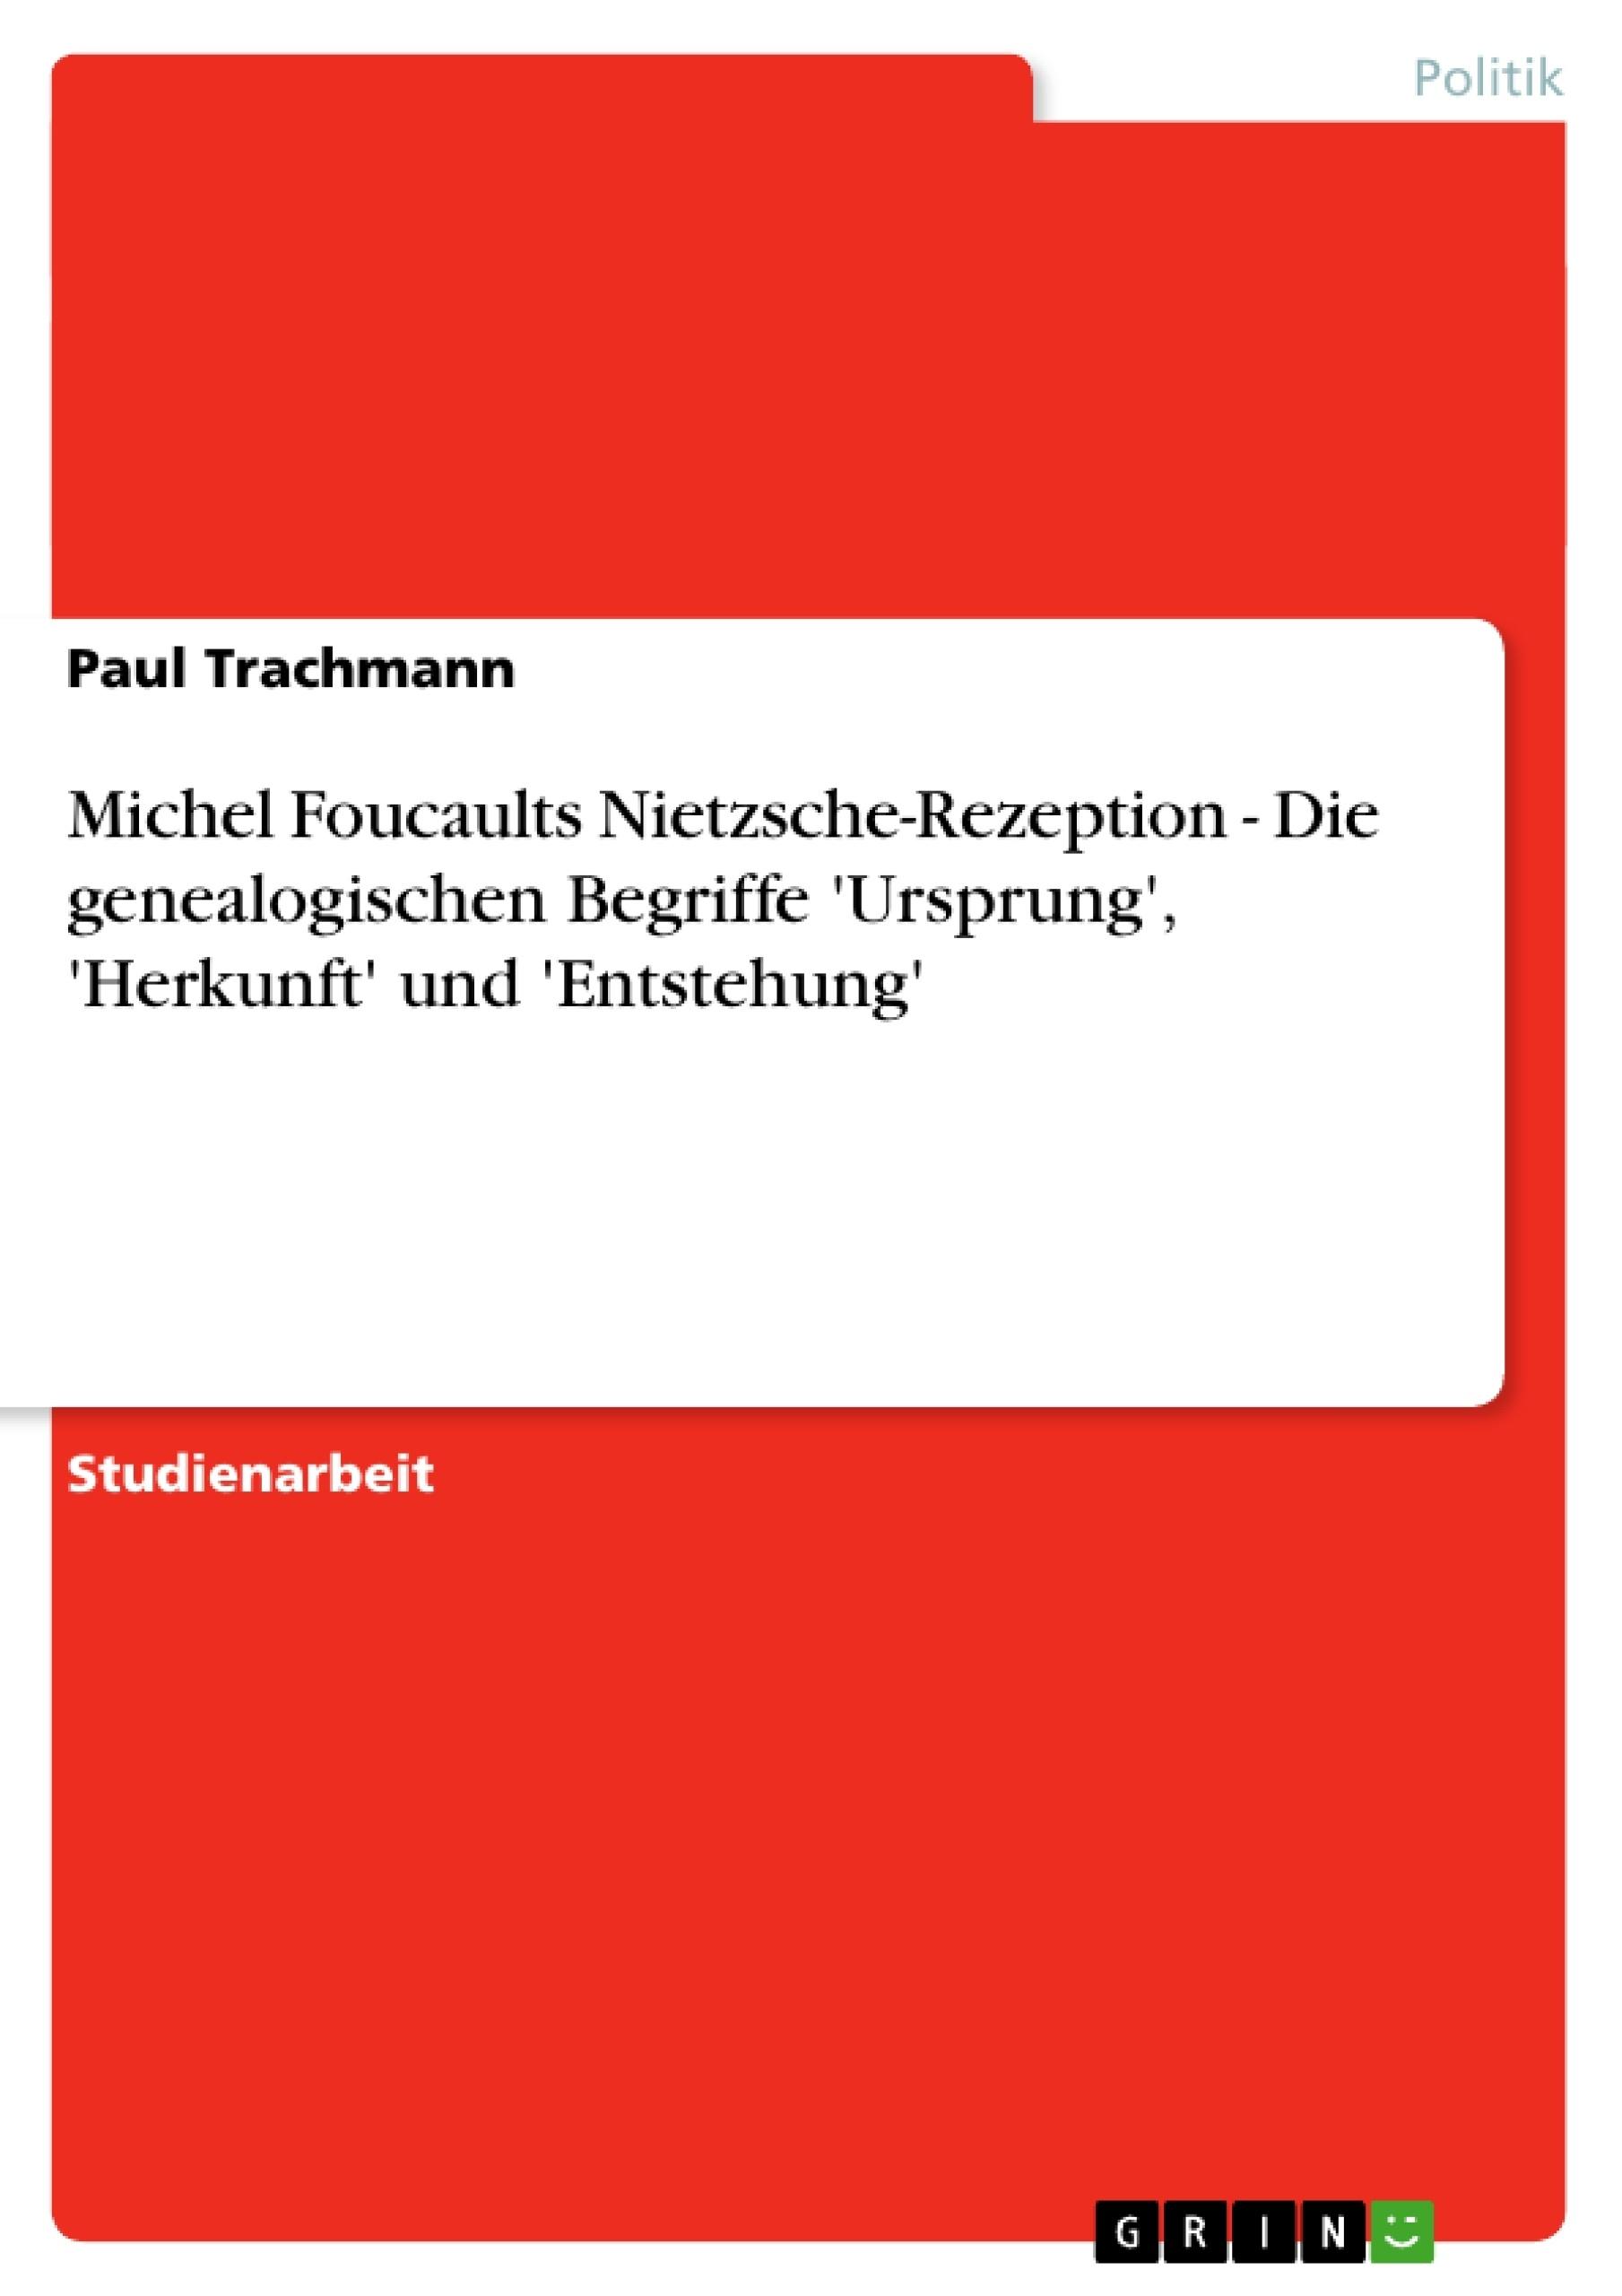 Titel: Michel Foucaults Nietzsche-Rezeption - Die genealogischen Begriffe 'Ursprung', 'Herkunft' und 'Entstehung'